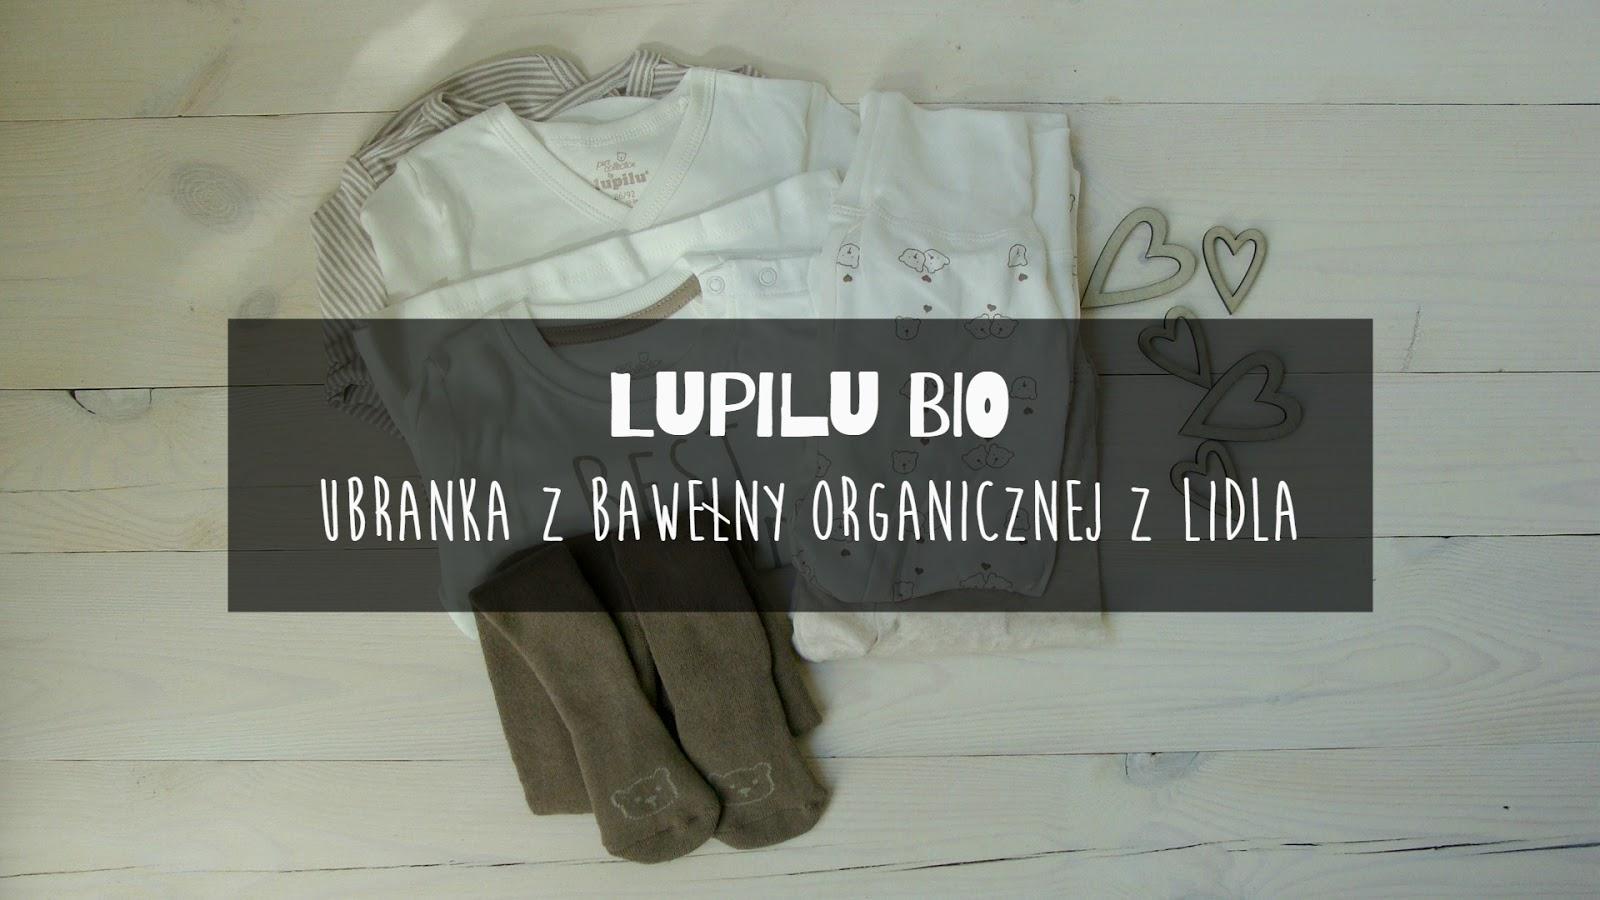 Lupilu Bio ubranka z bawełny organicznej z Lidla